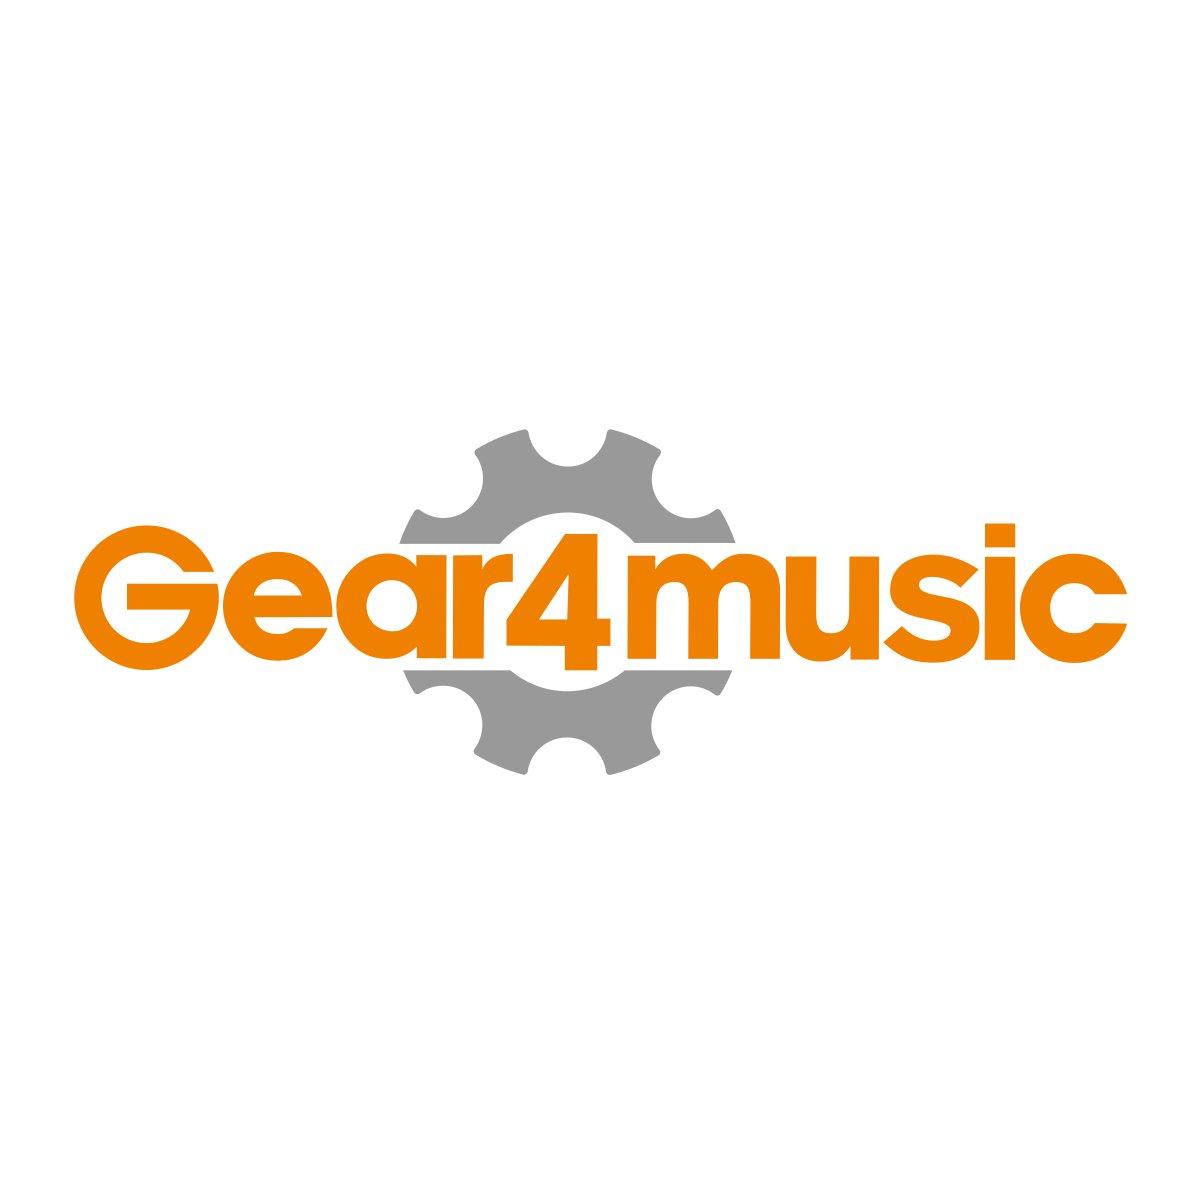 Altový saxofón od Gear4music, prevedenie Vintage